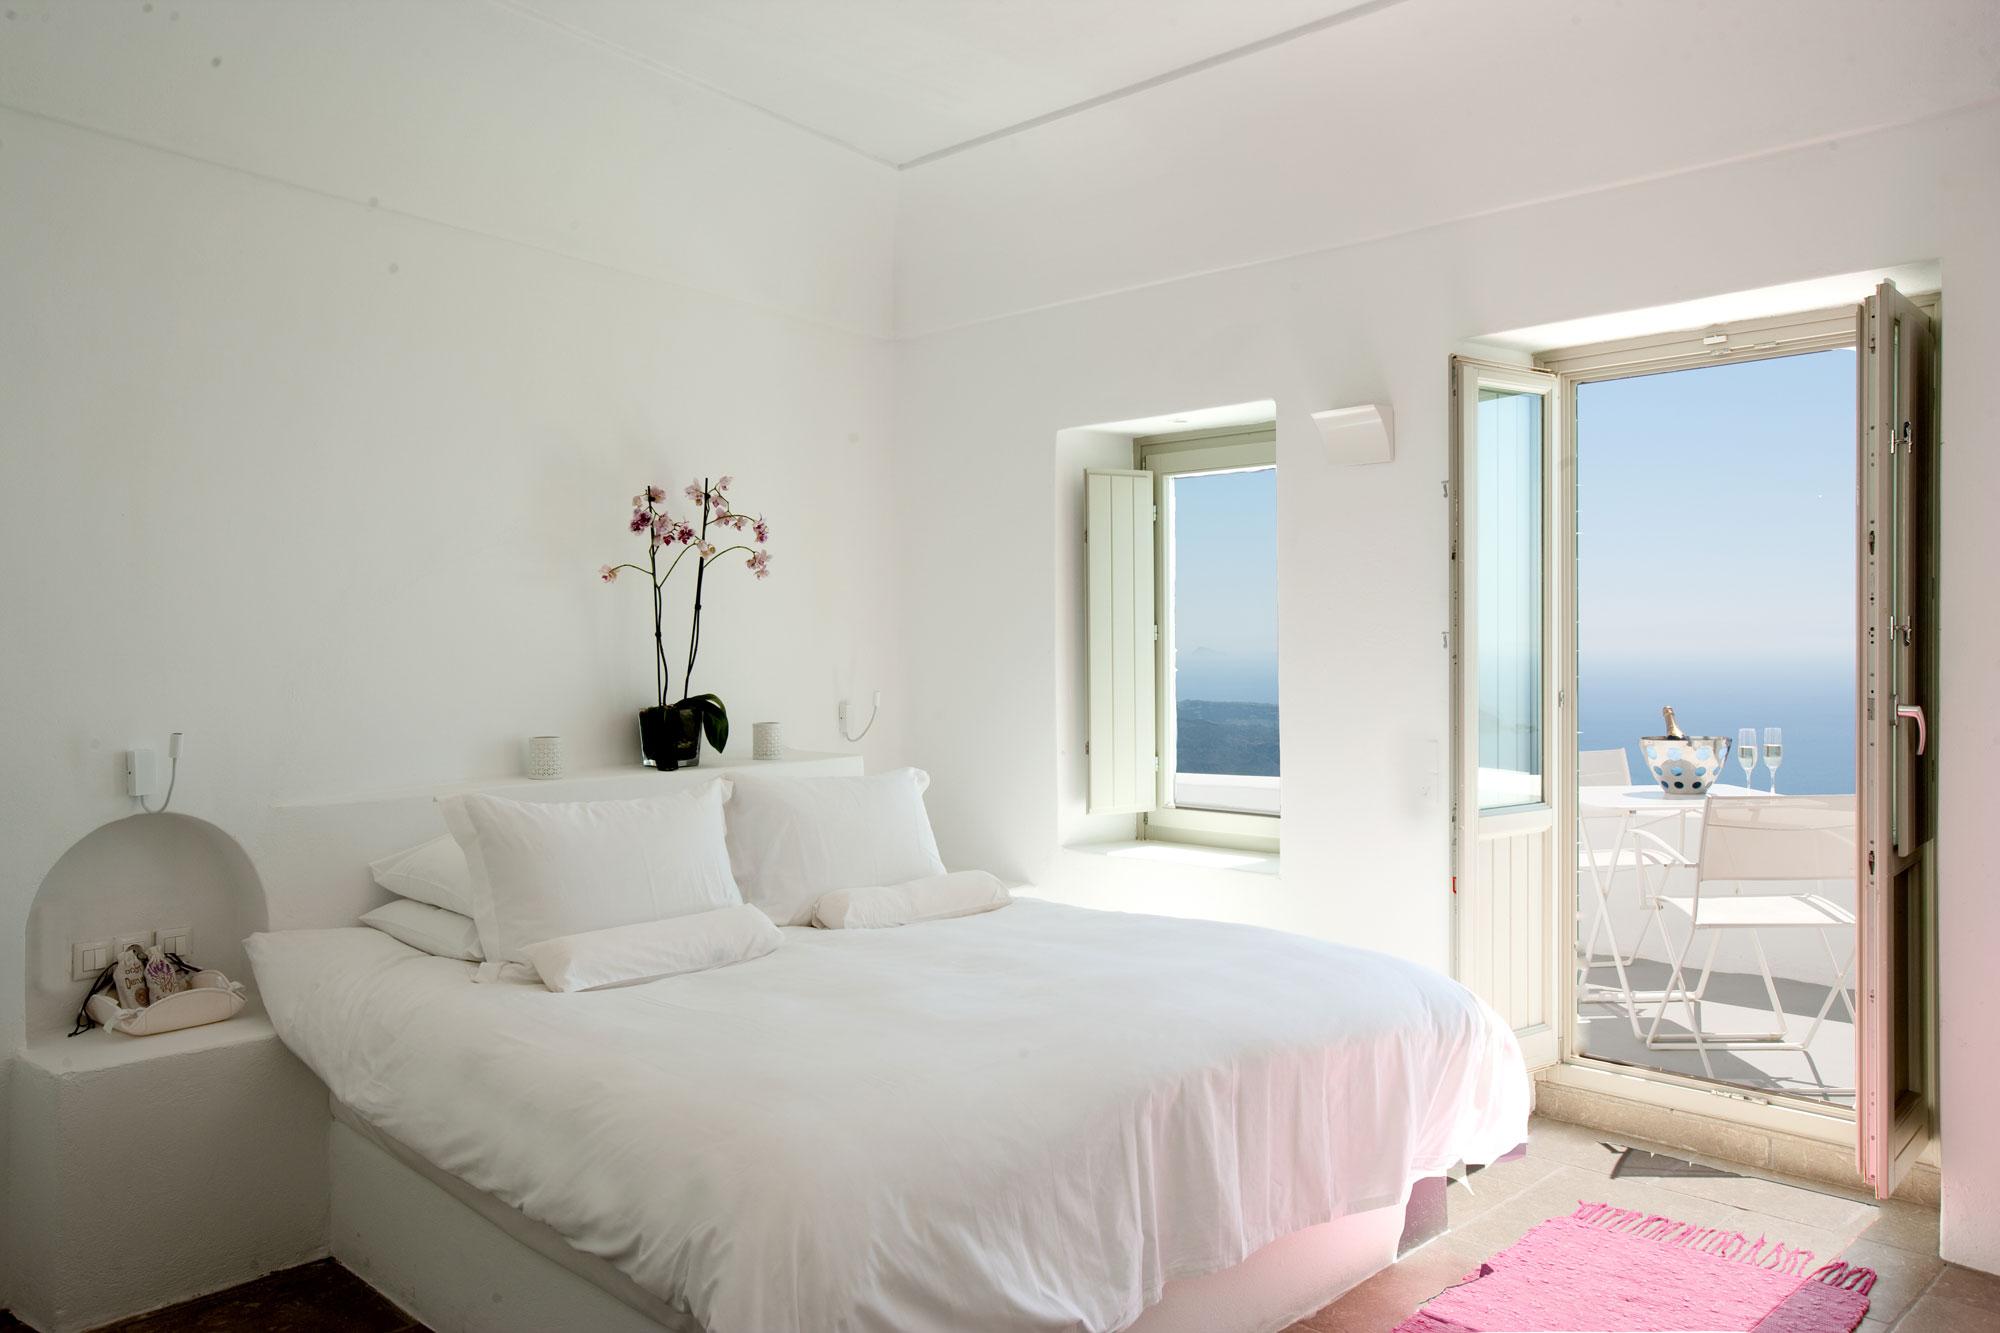 41 White Bedroom Interior Design Ideas  Pictures